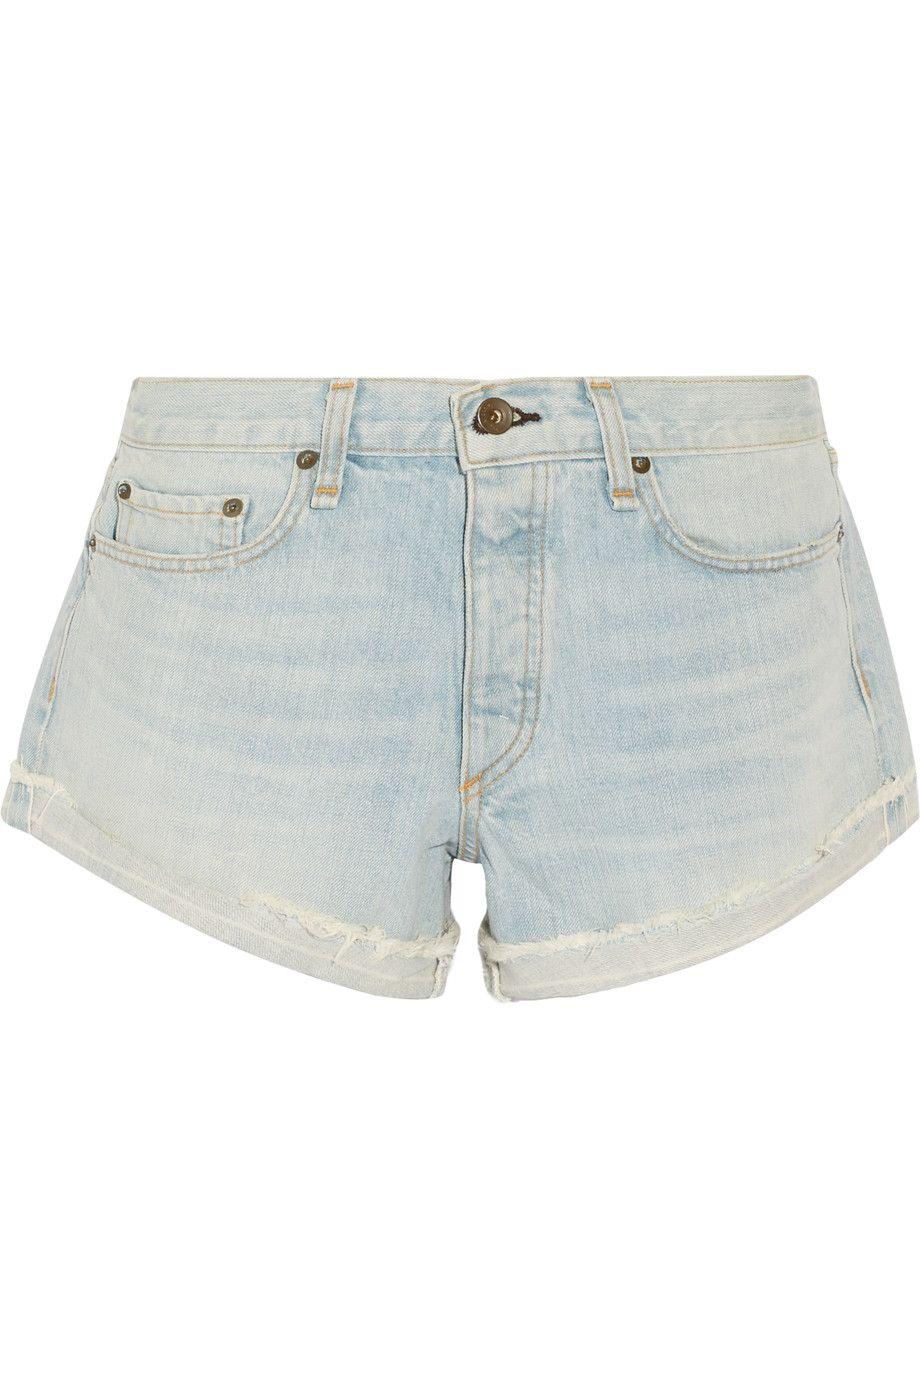 RAG & BONE Marilyn Denim Shorts. #ragbone #cloth #shorts